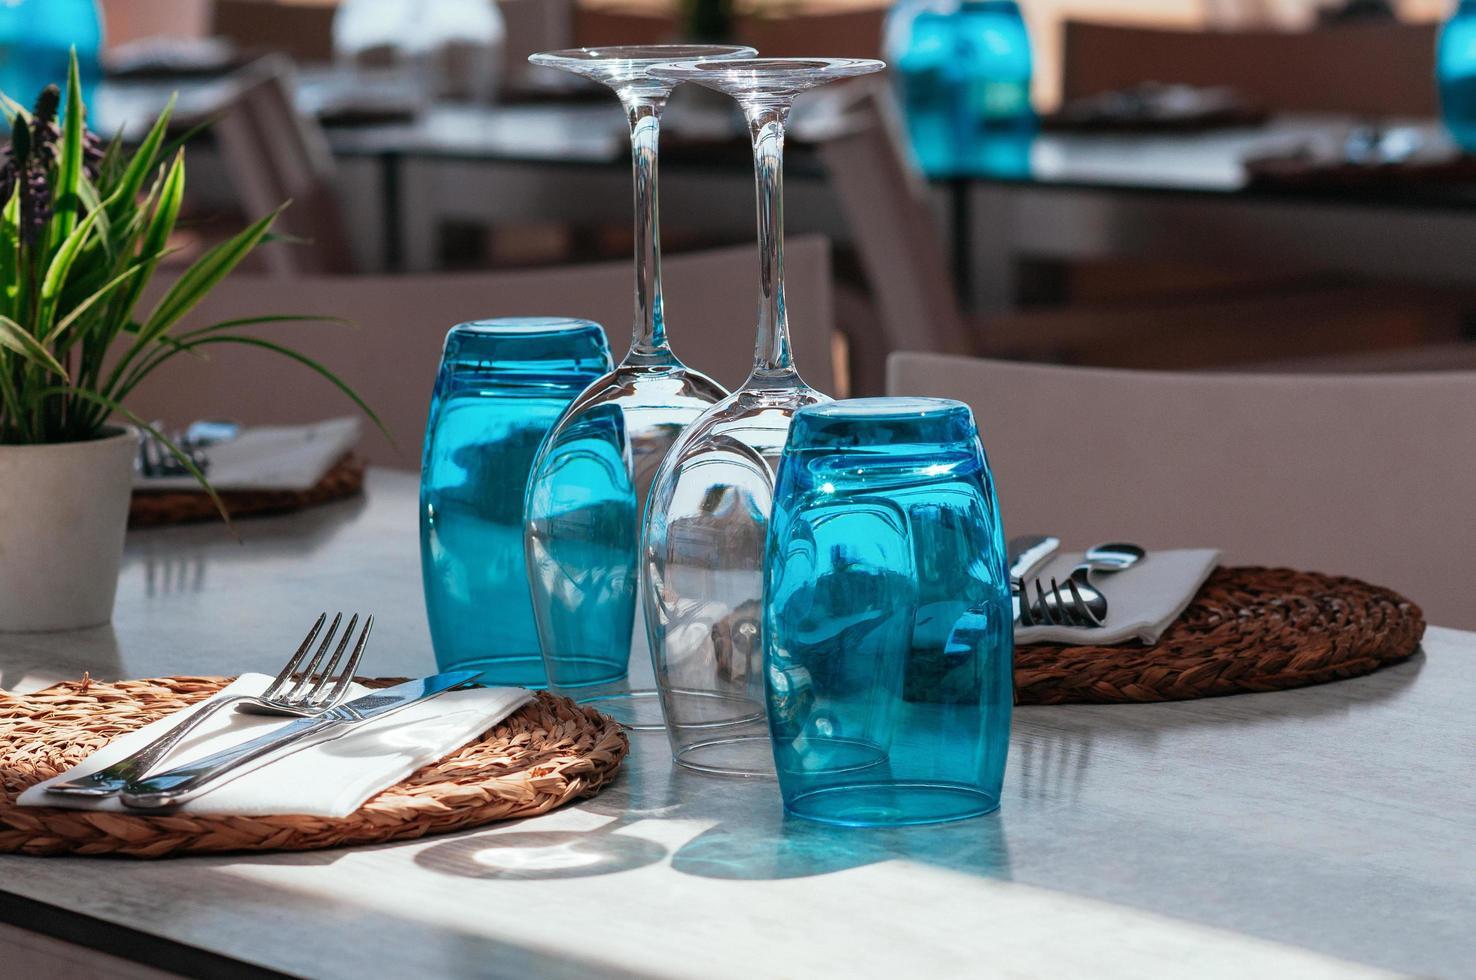 configuration de la table bleue au restaurant ou au café en plein air photo